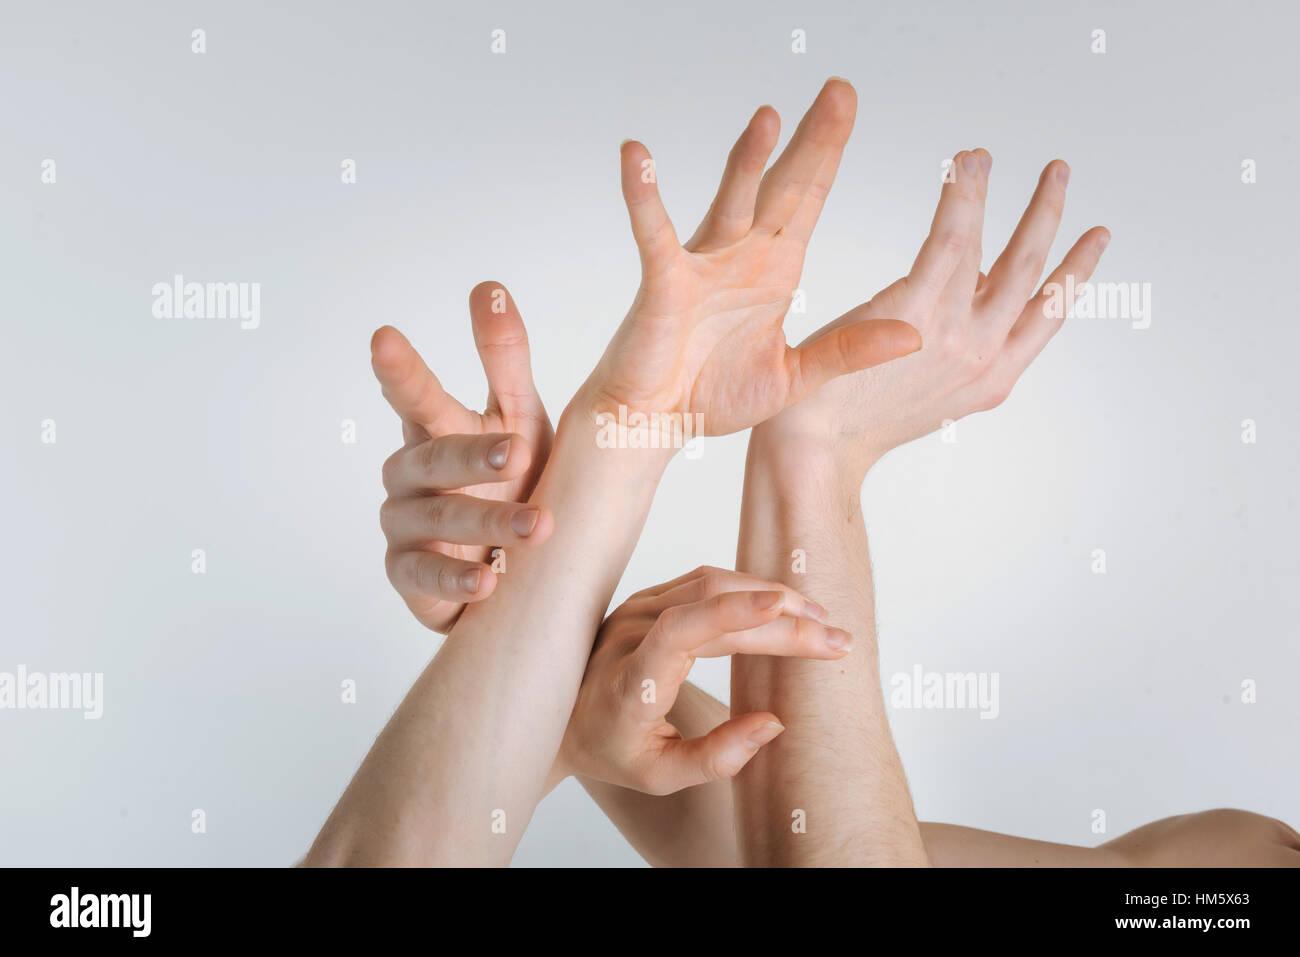 Las mujeres tiernas manos expresando la gracia en el studio Imagen De Stock